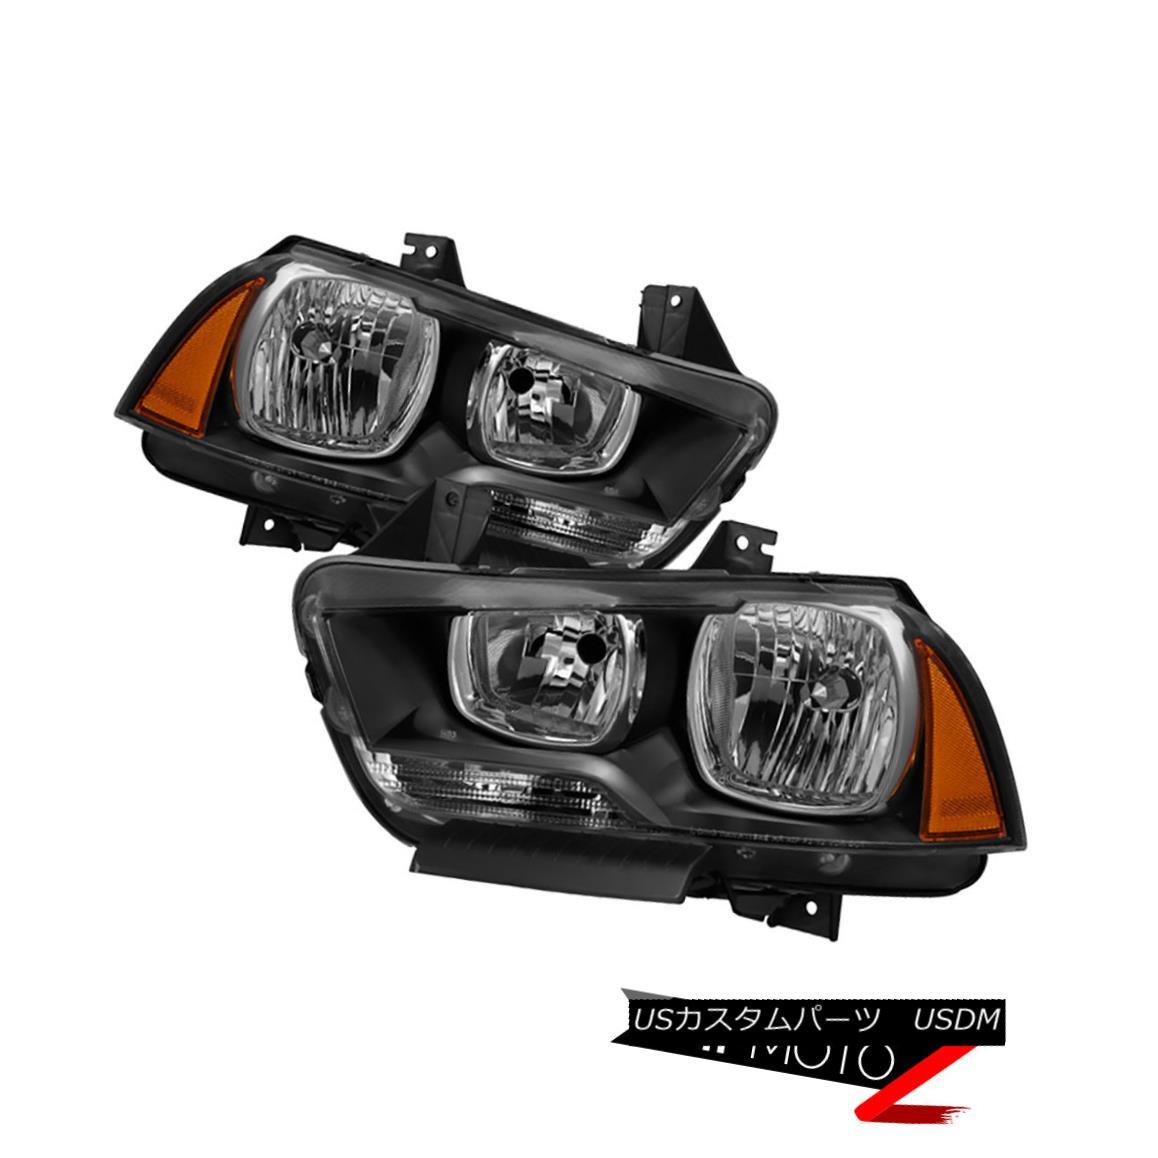 ヘッドライト Black 2011-2014 Dodge Charger SE SXT SRT8 [Factory Style] Headlights Lamps Pair ブラック2011-2014 Dodge Charger SE SXT SRT8 [工場スタイル]ヘッドライトランプペア